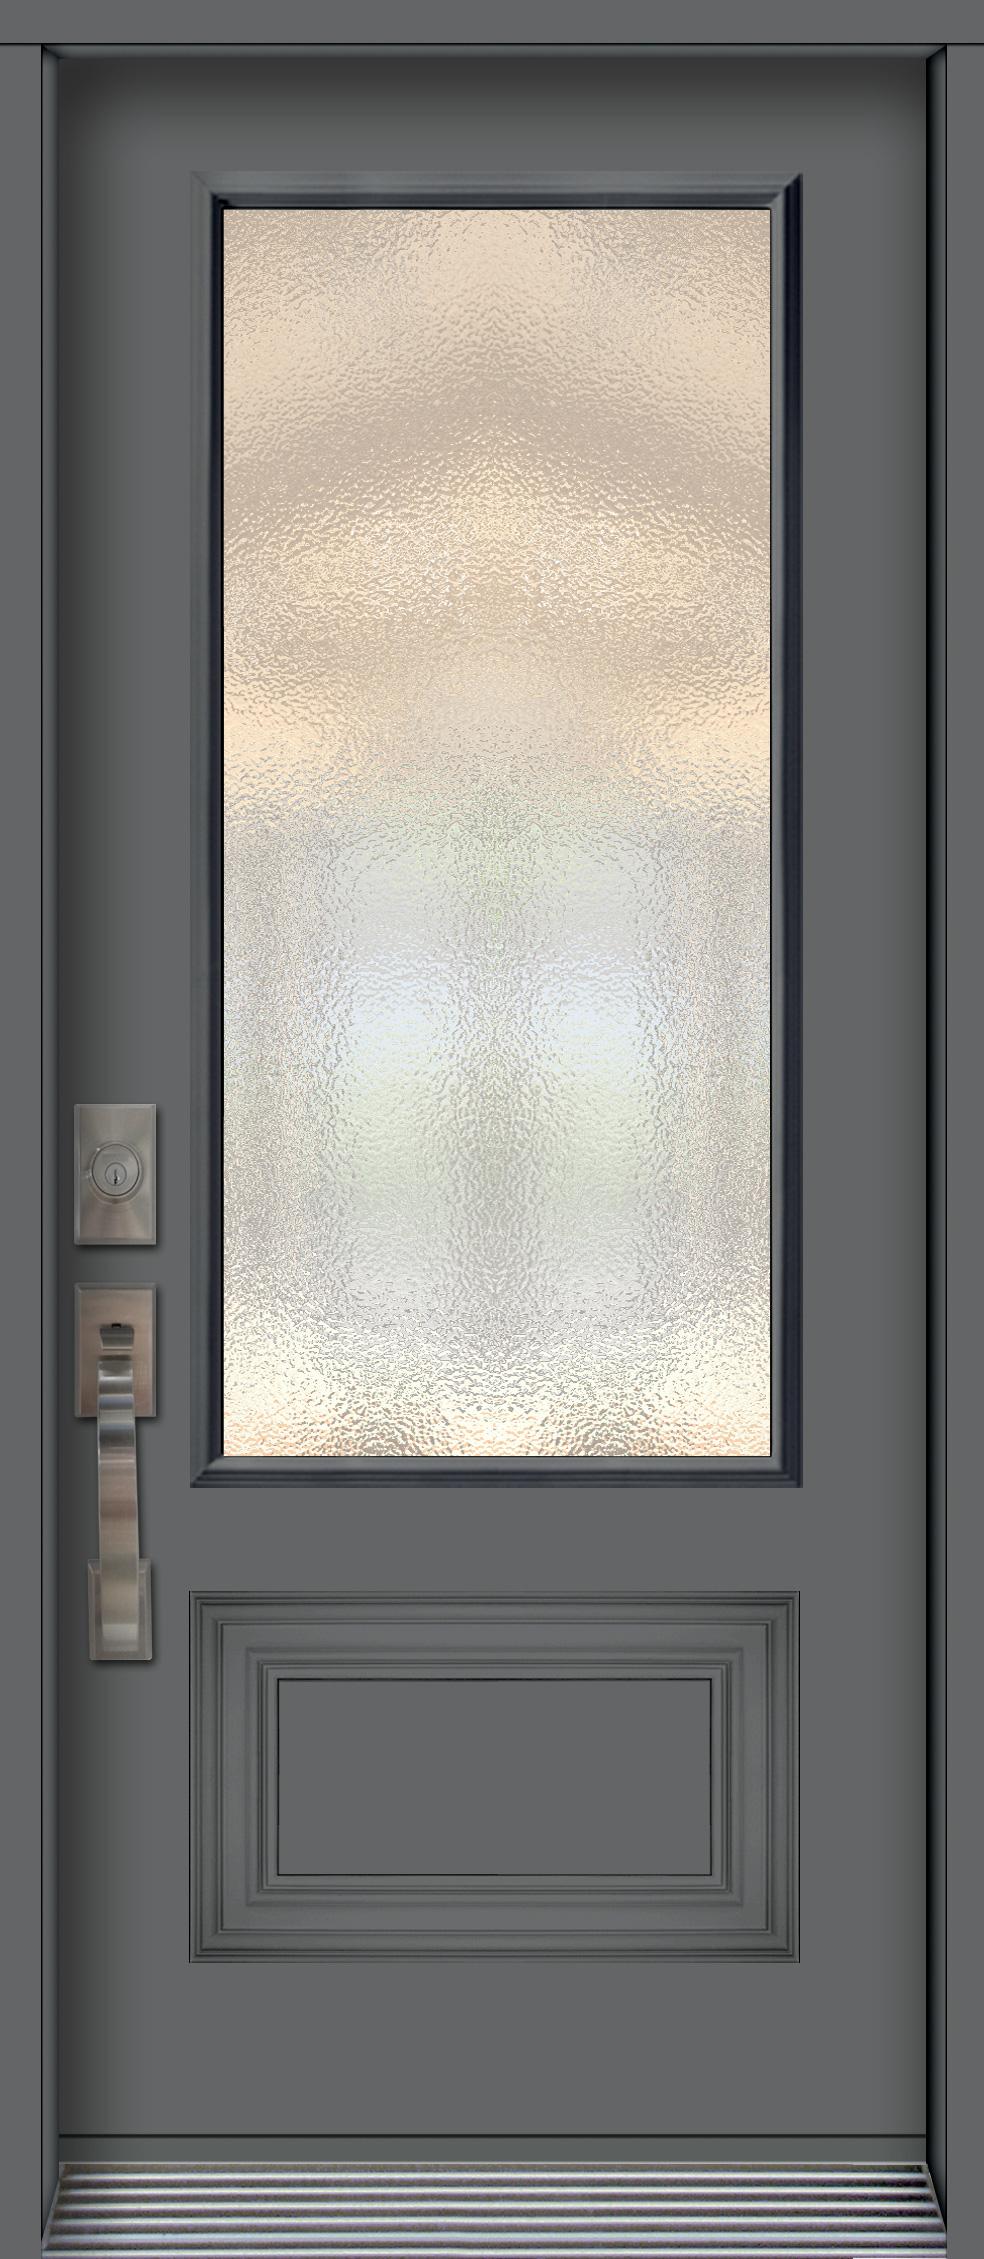 pa76nb porte en acier panneau d coratif unit vitr e charbon portatec fabricant de porte. Black Bedroom Furniture Sets. Home Design Ideas